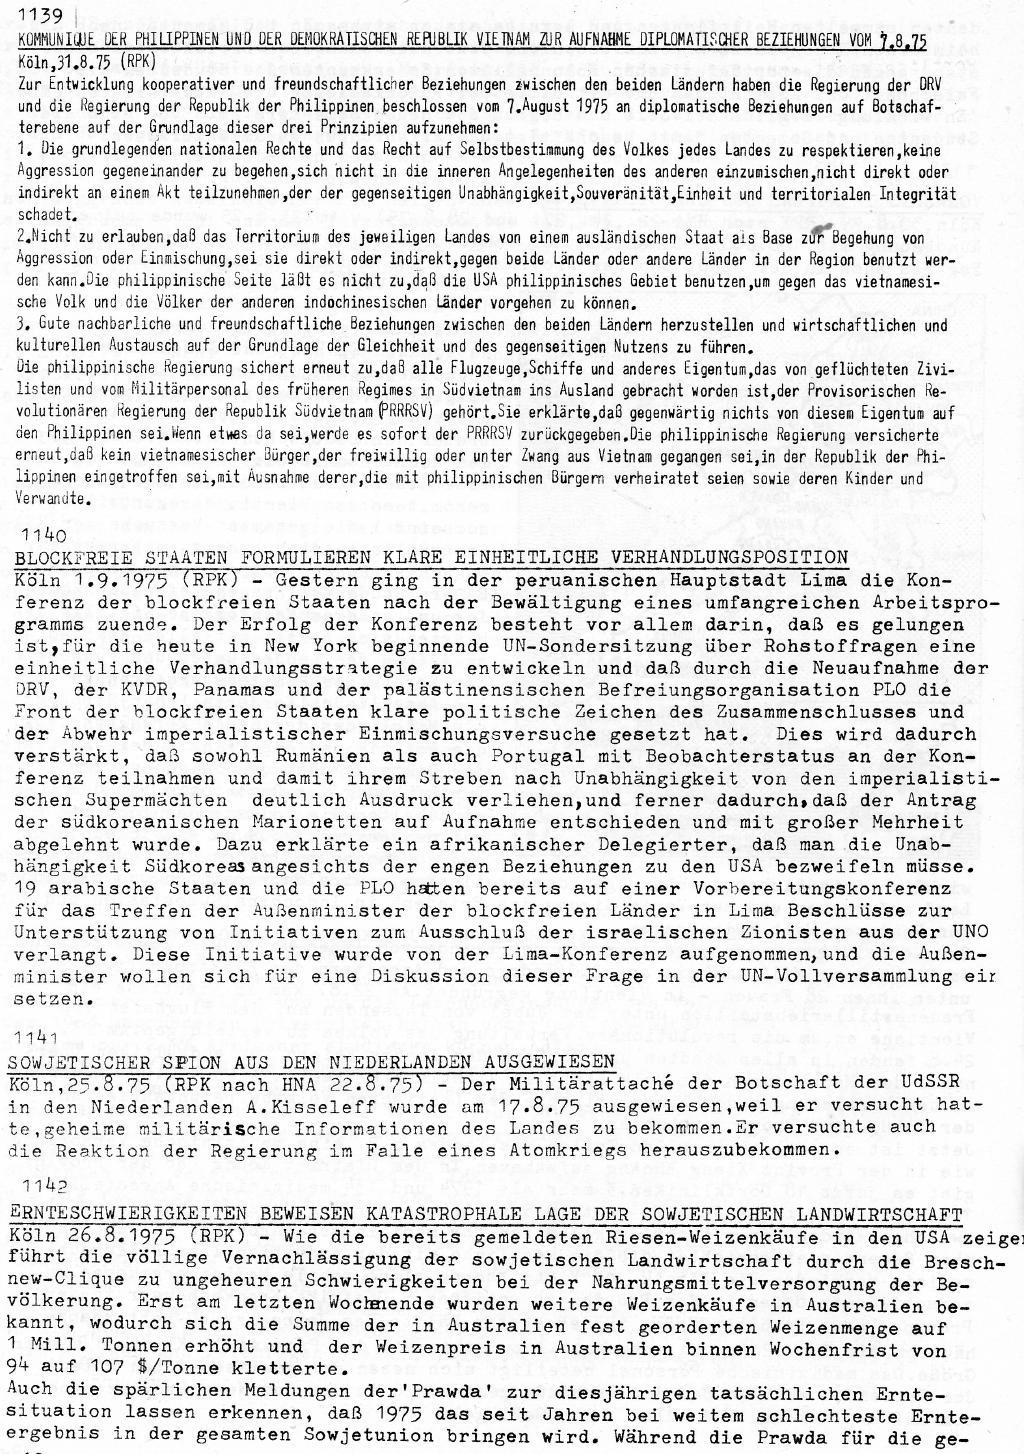 RPK_Pressedienst_1975_41_10